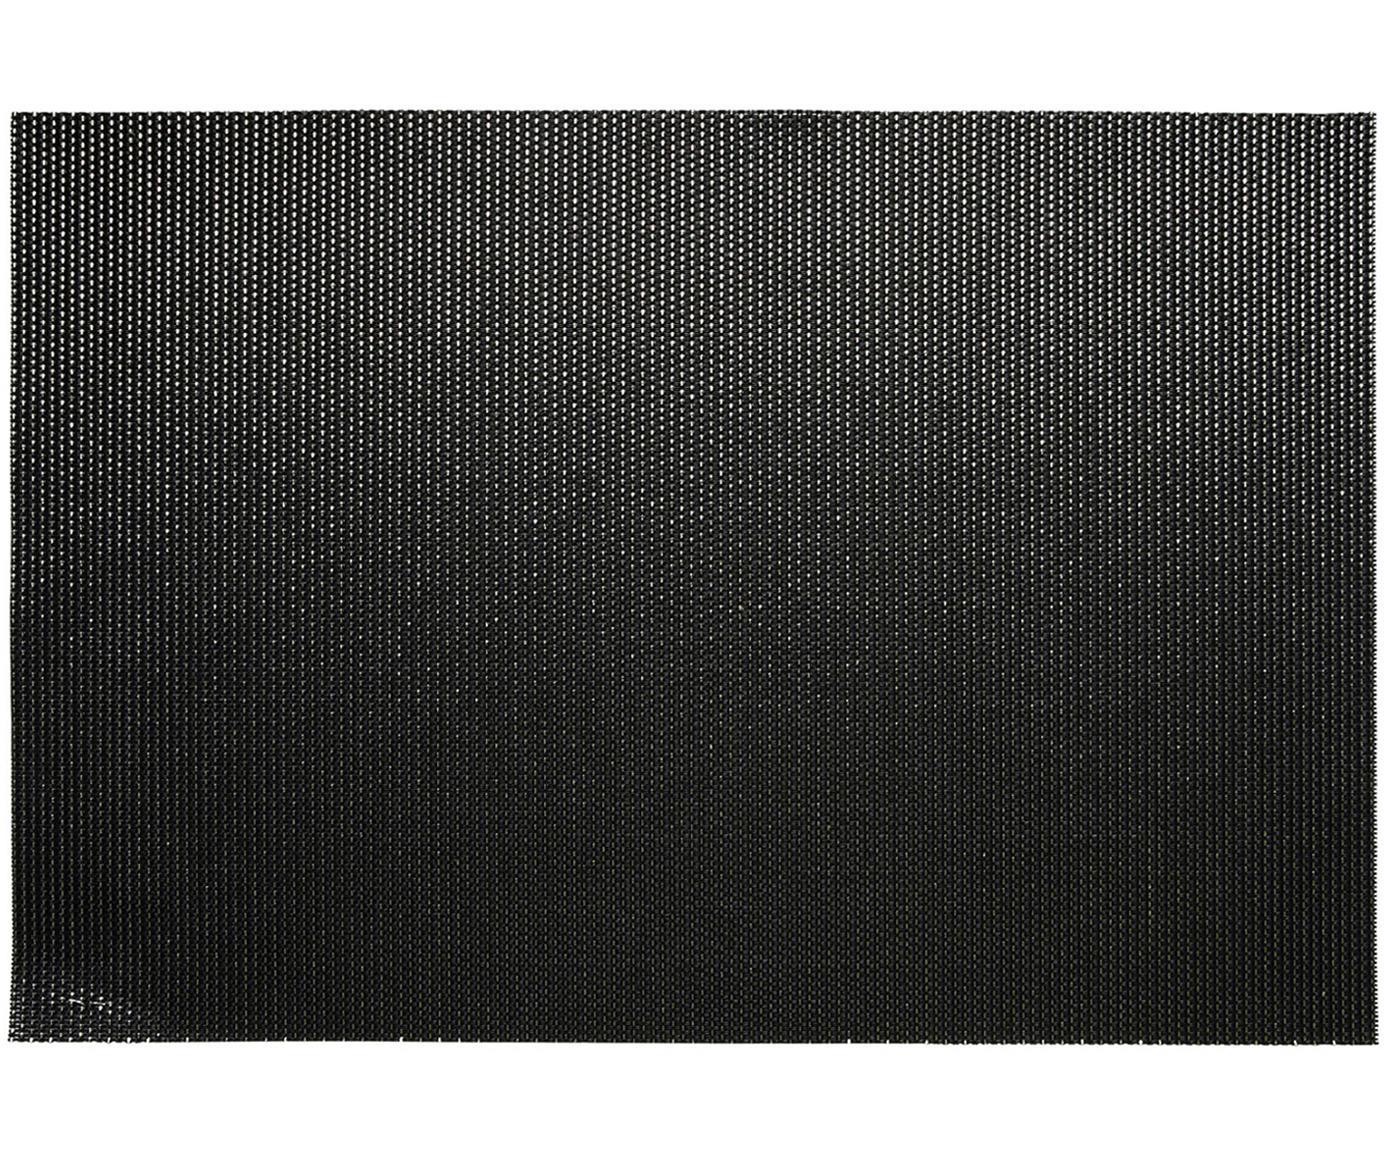 Kunststoff Tischsets Brilliant, 2 Stück, Kunststoff, Schwarz, Goldfarben, 30 x 45 cm